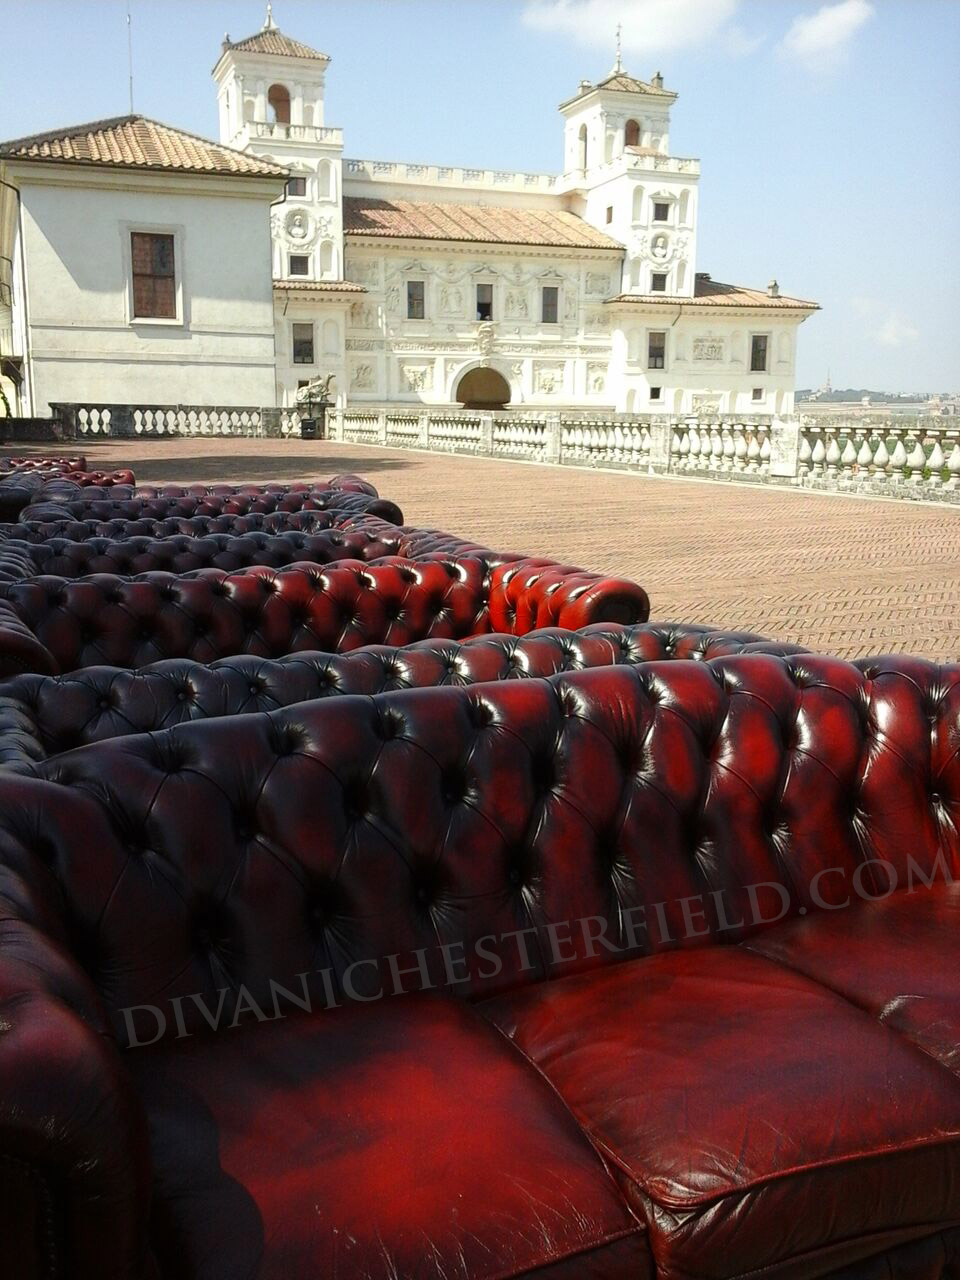 noleggio divani chesterfield affitto poltrone chester